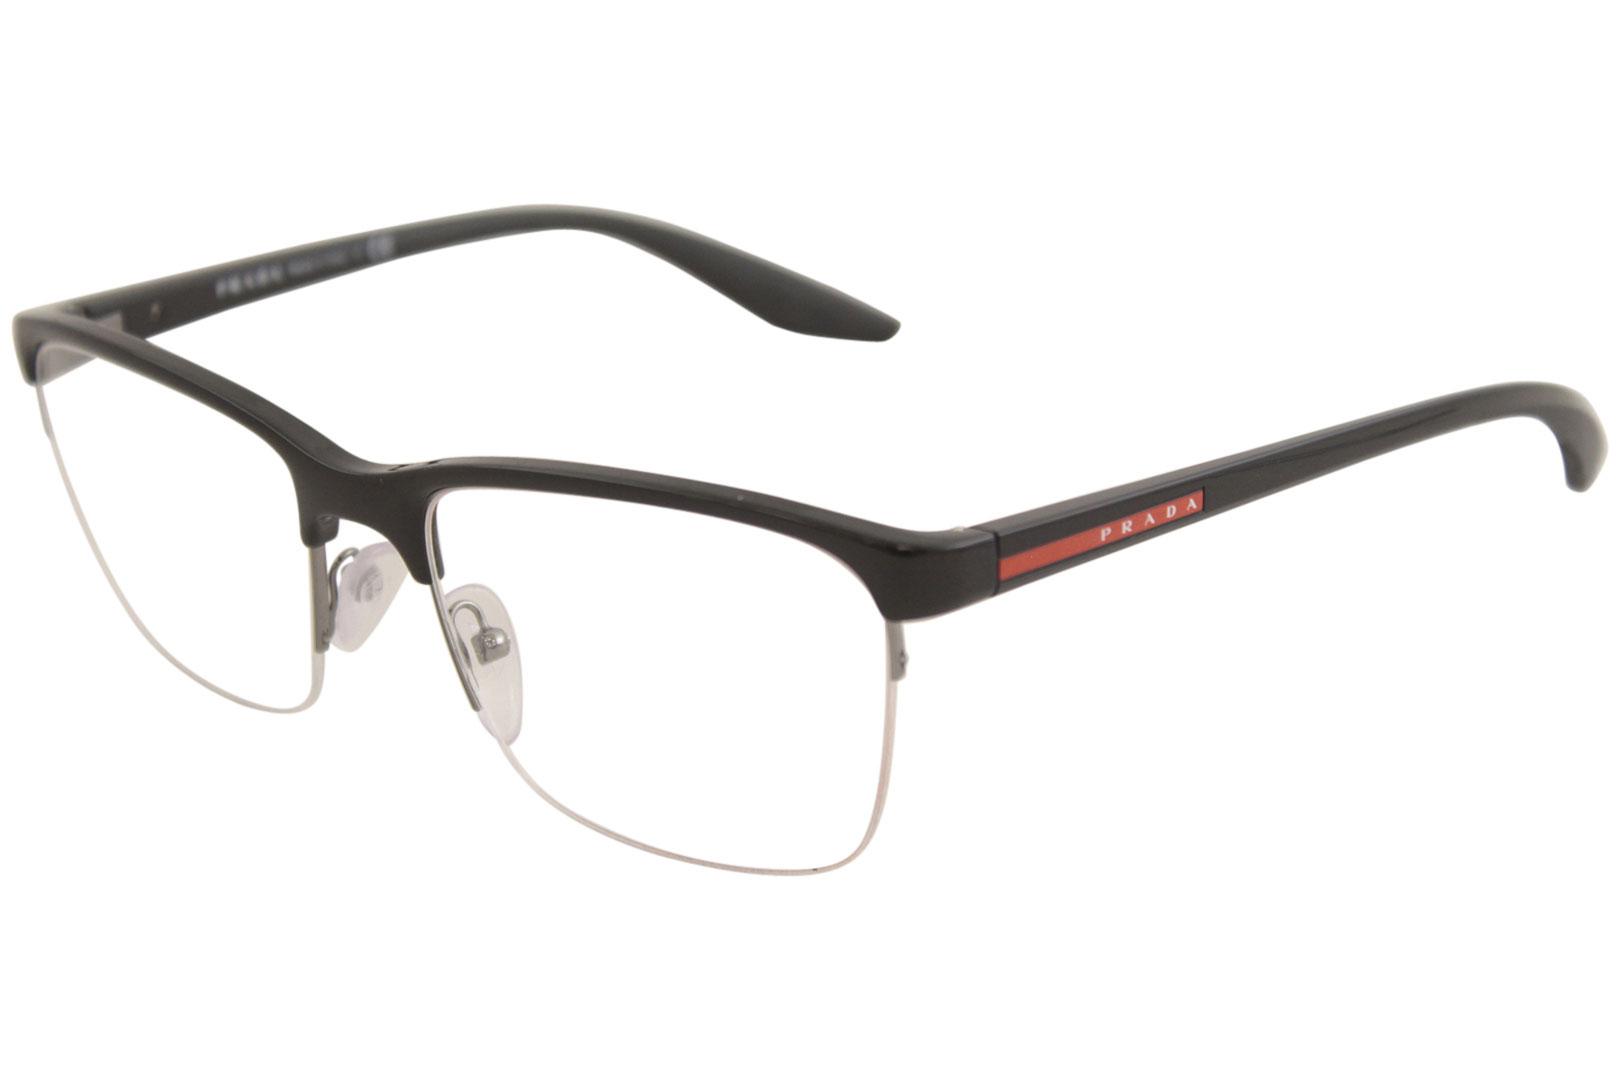 35e13b6319e Prada Linea Rossa Eyeglasses VPS02L VPS 02 L 1AB 1O1 Black Optical ...